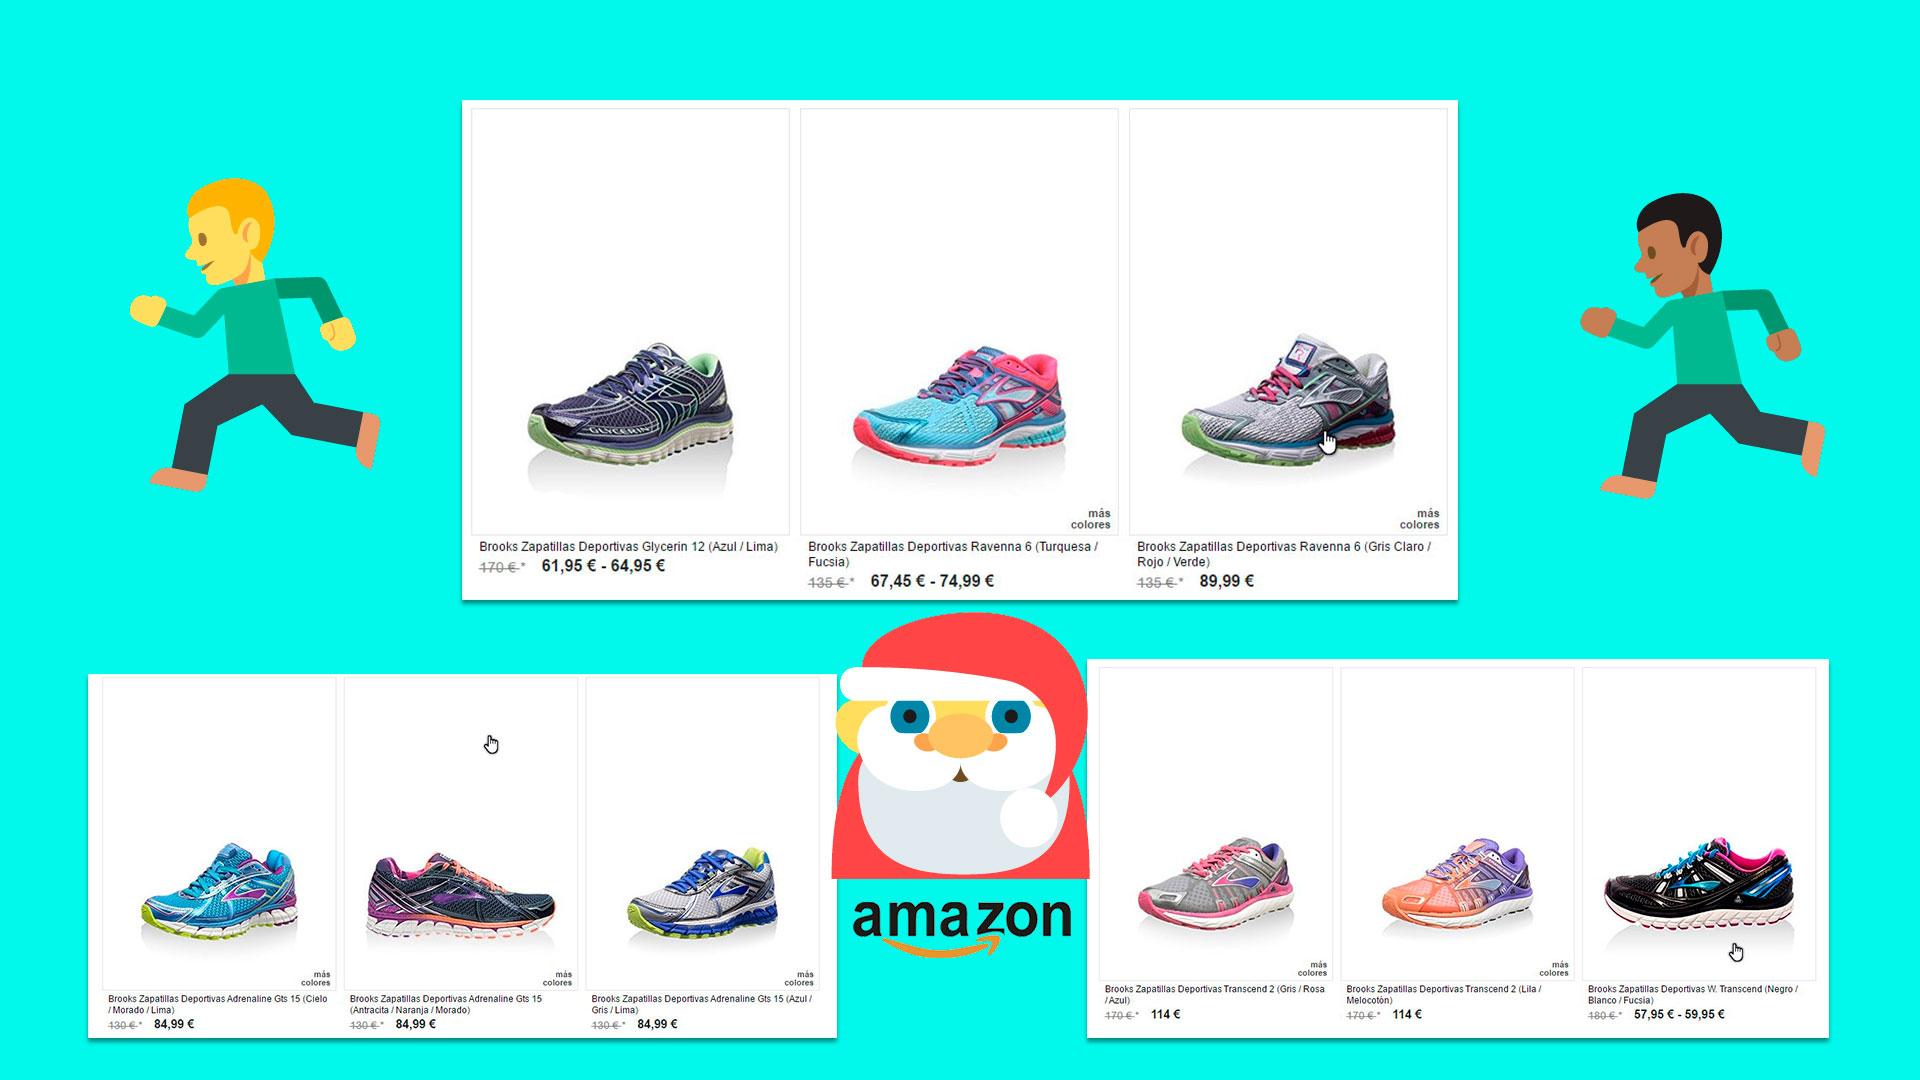 Zapatillas de running brooks baratas en amazon buyvip for Zapatillas de seguridad baratas